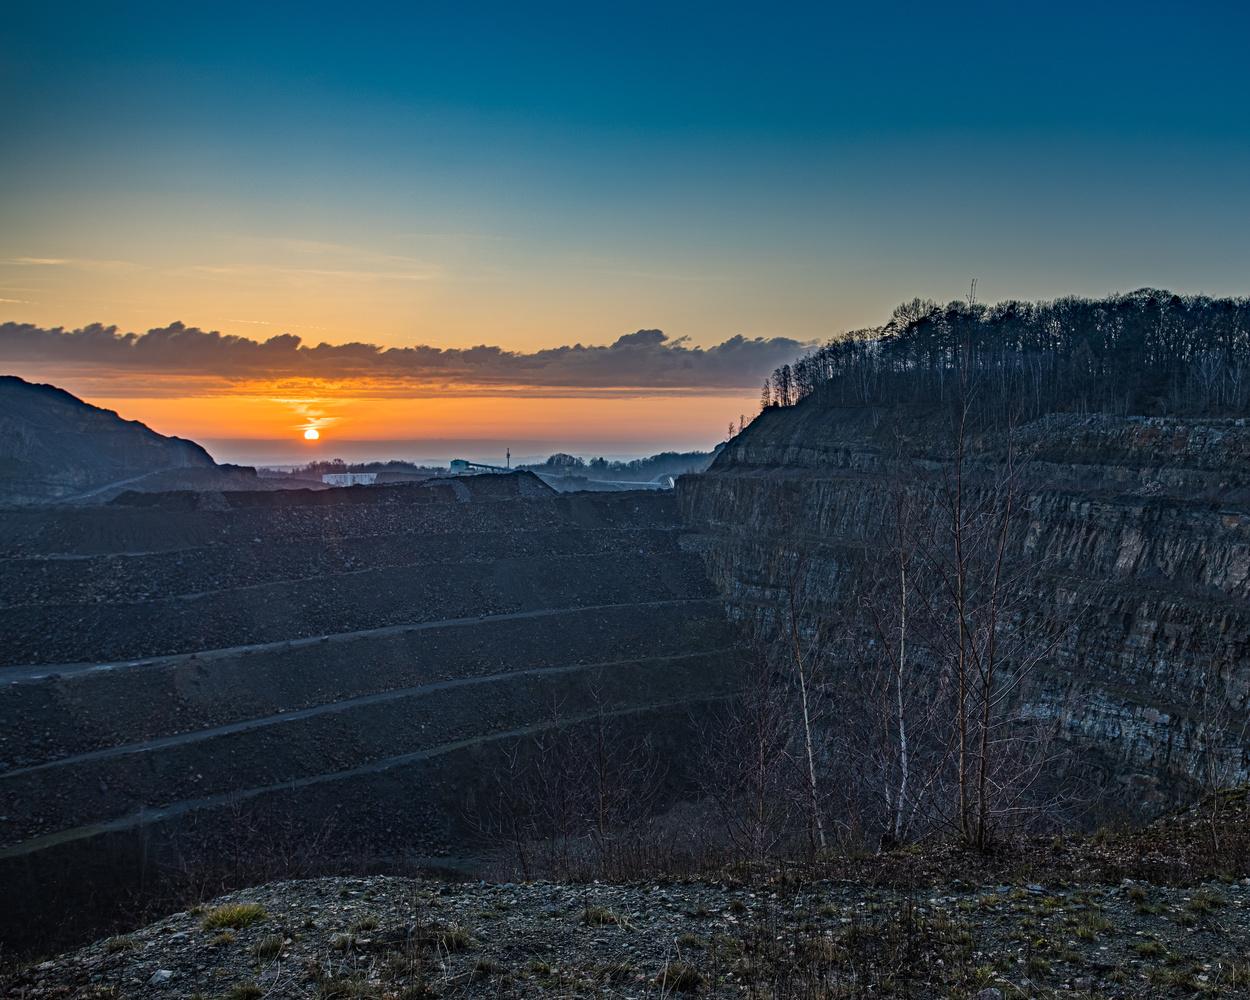 Quarry at sundown by Sebastian Dannenberg